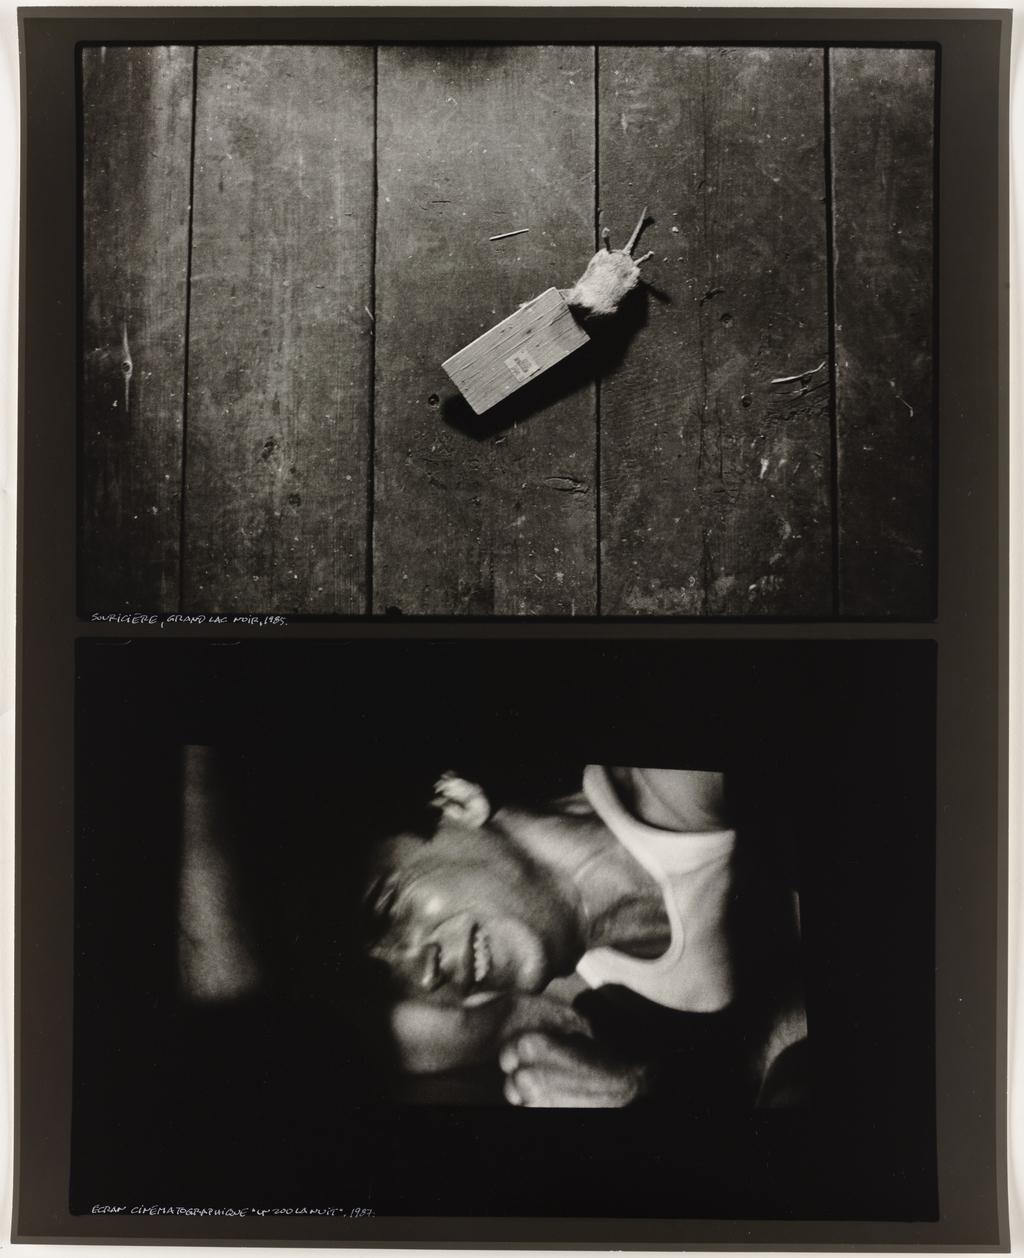 Souricière,1985 (haut); Écran cinématographique : Jean-Claude Lauzon, « Un zoo la nuit », 1987 (bas), de la série Les Tremblements du coeur, troisième séquence 6/8